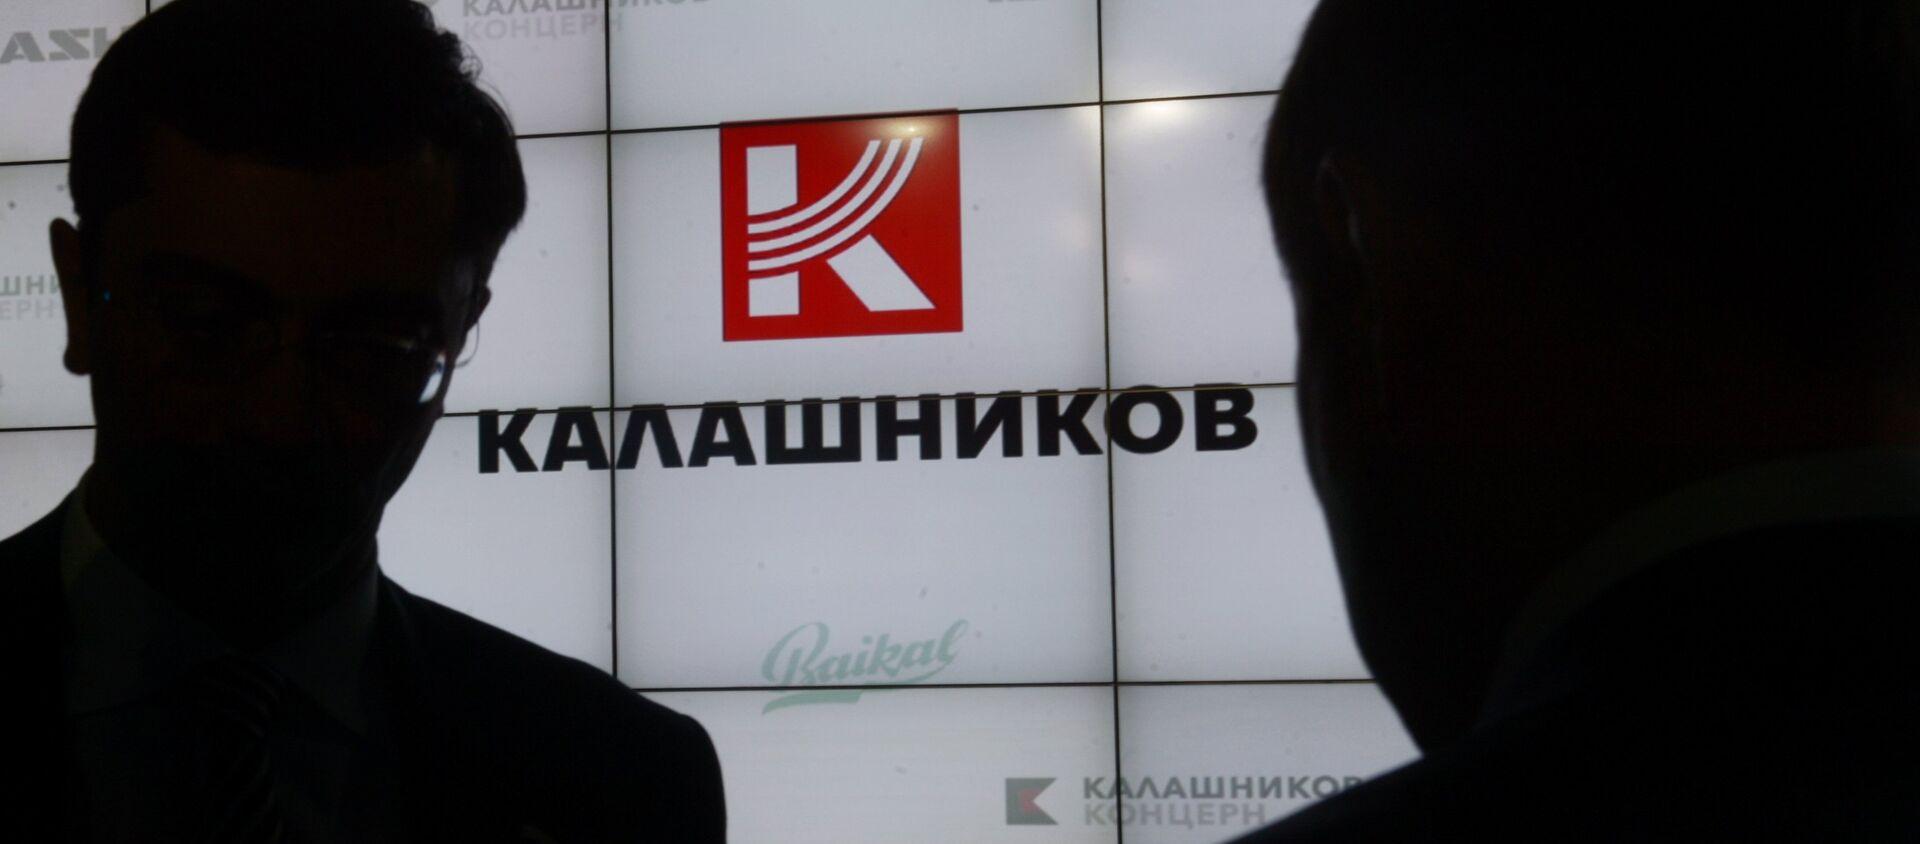 Представљање новог бренда концерна Калашњиков - Sputnik Србија, 1920, 09.03.2021